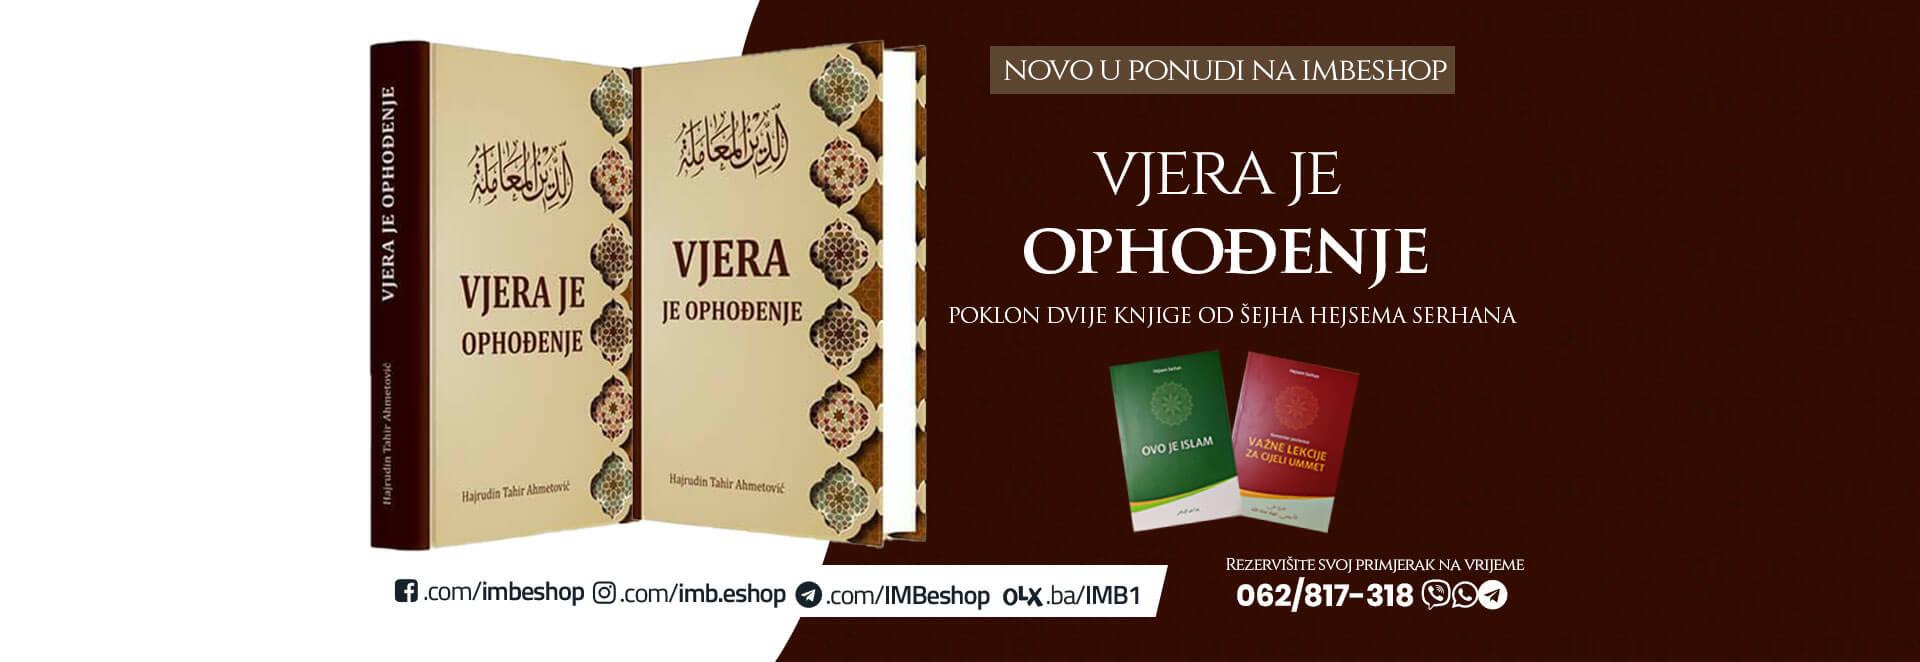 banner-vjera-je-ophođenje-plus-poklon-dvije-knjige